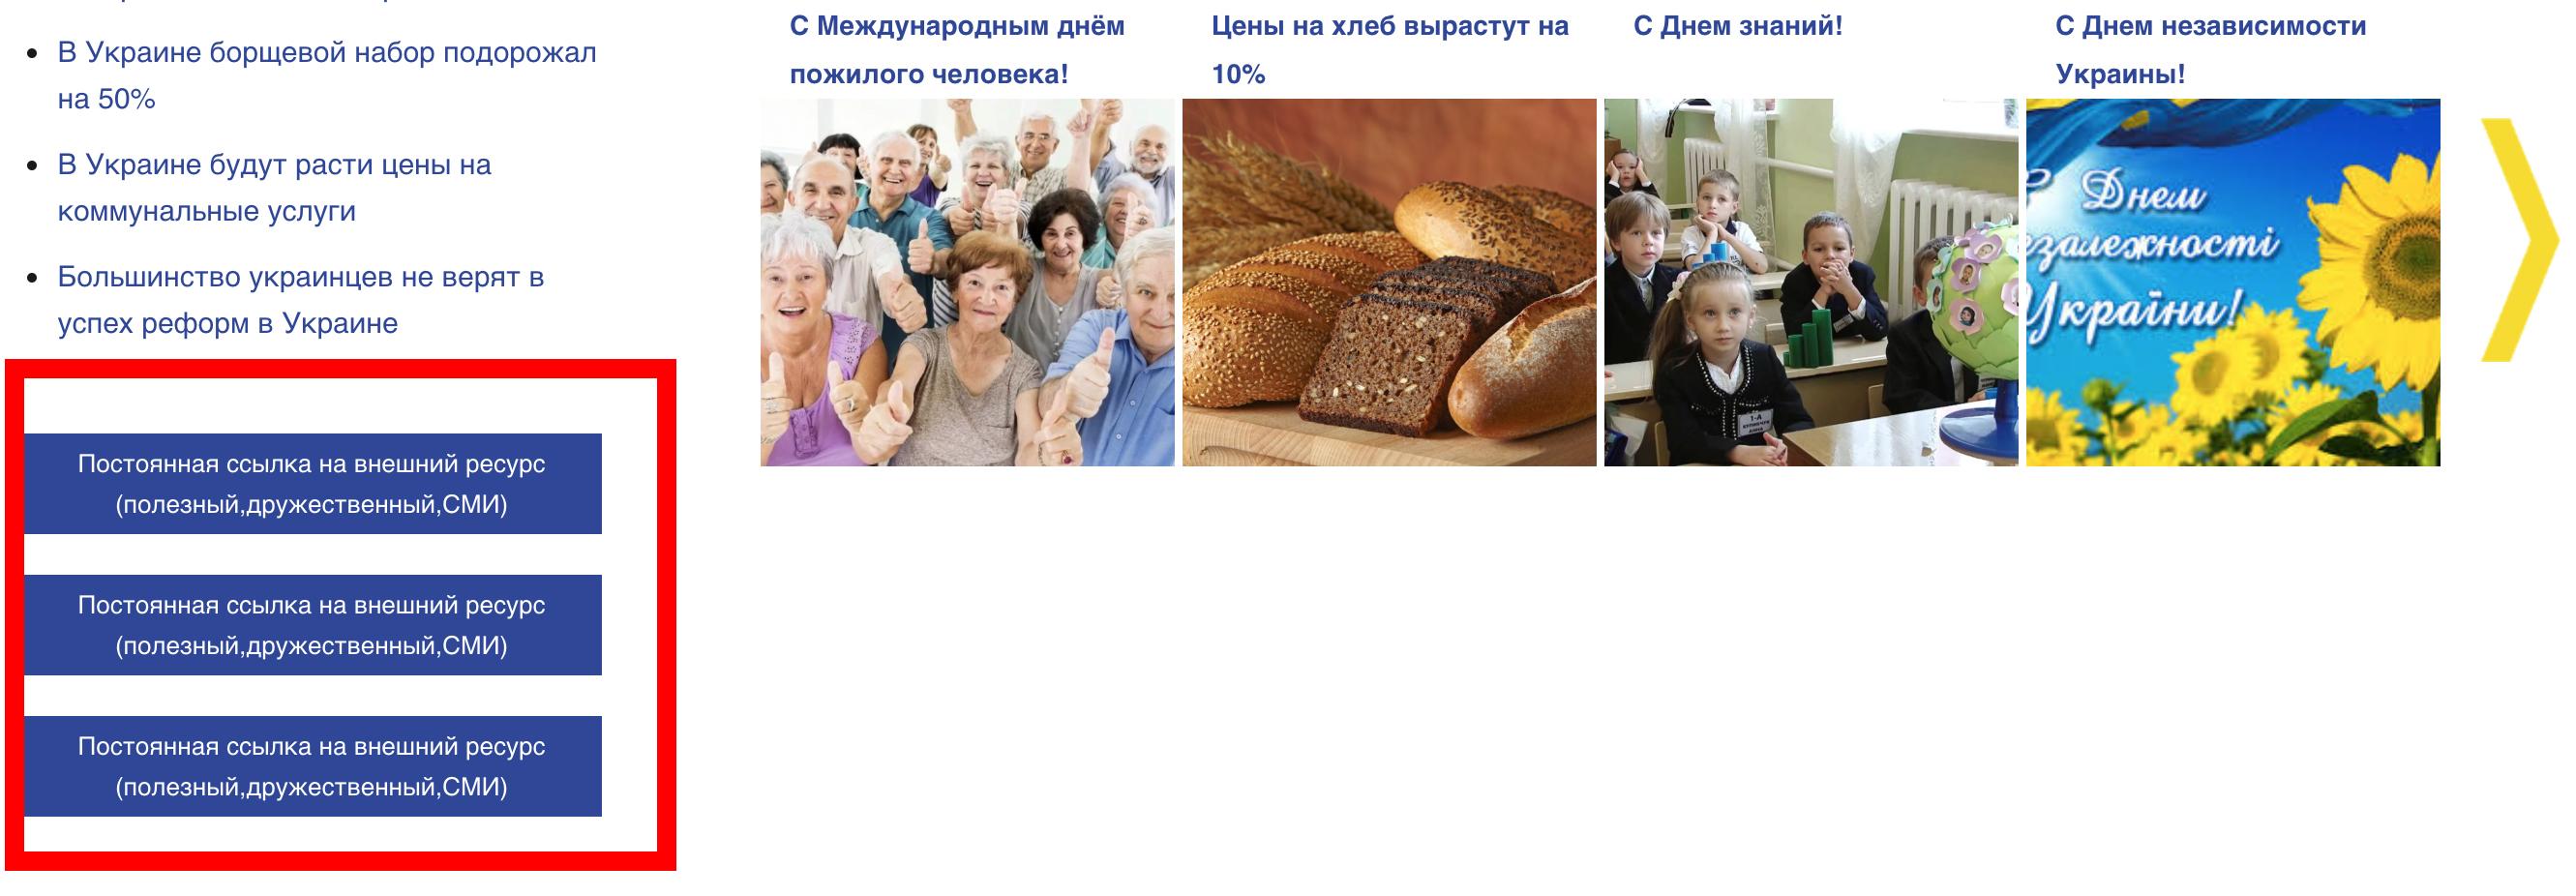 Скрин сайта pru.org.ua